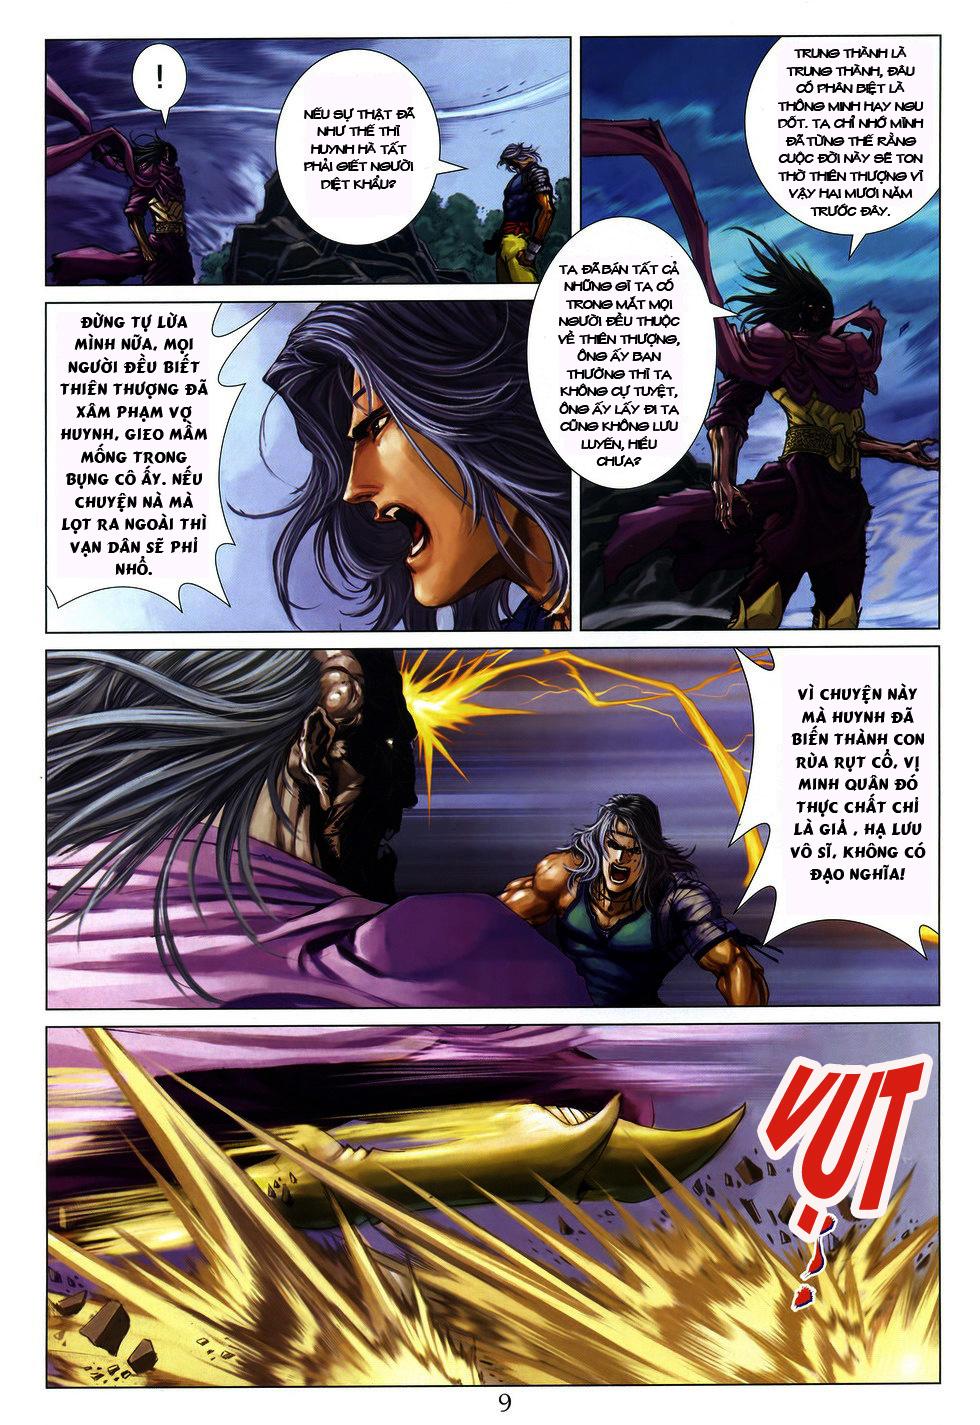 Tứ Đại Danh Bổ chap 222 Trang 9